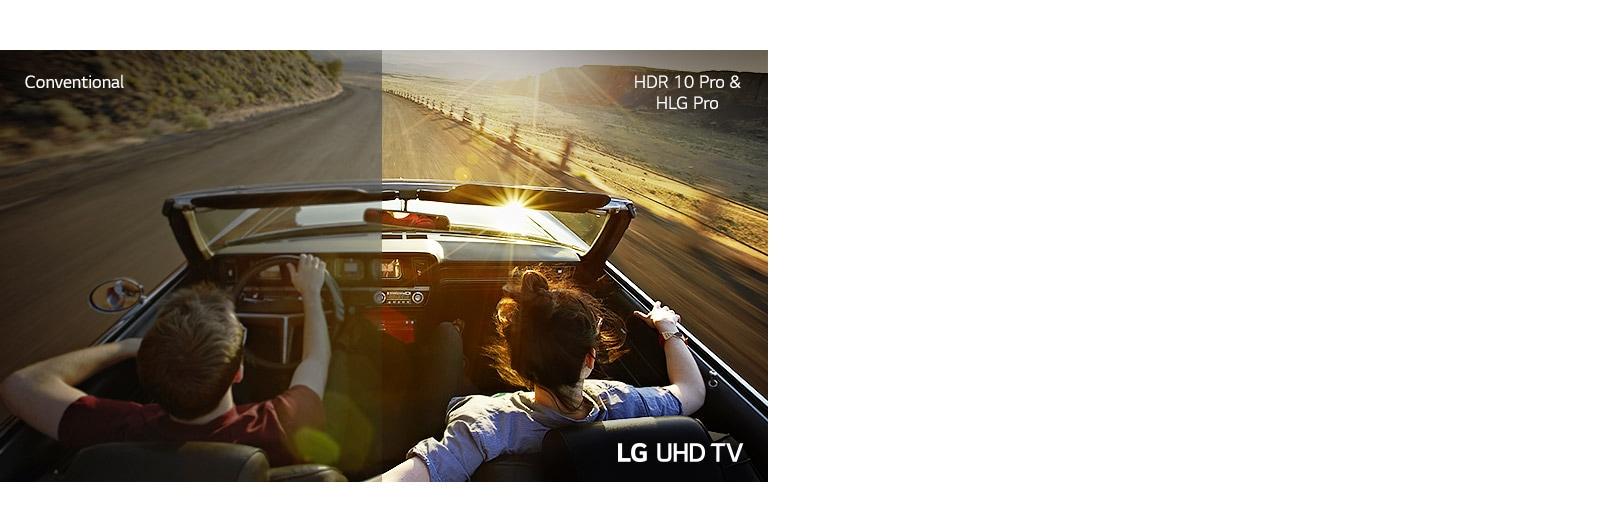 LG 55UN7190PTA HDR Pro HLG Pro